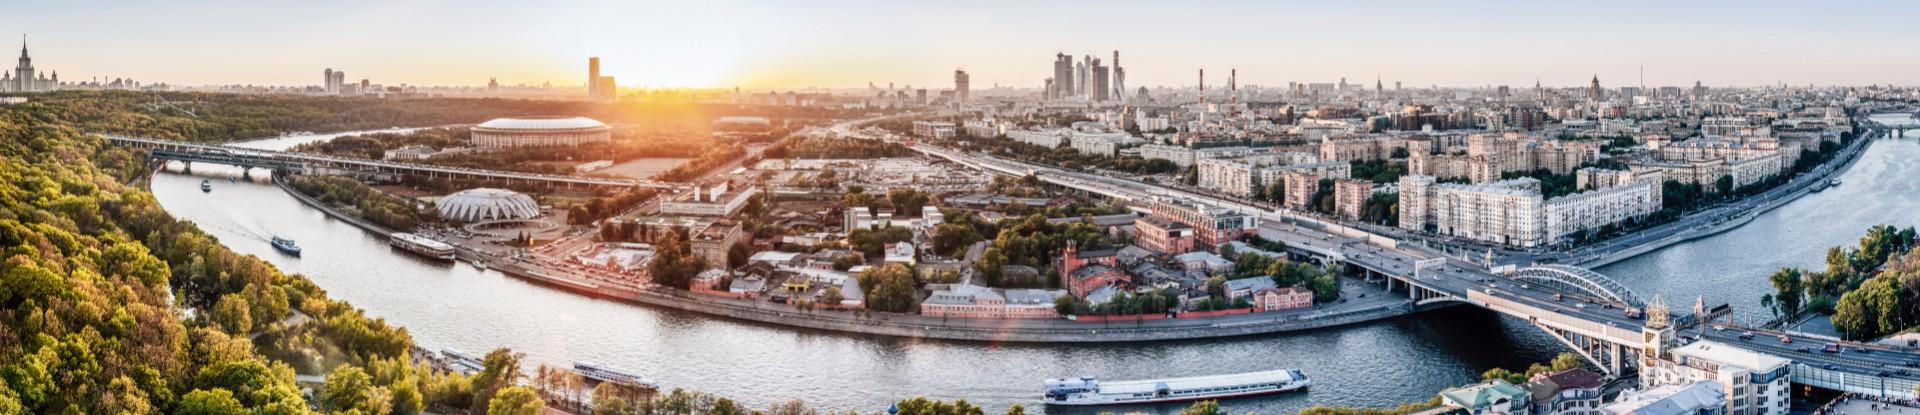 Ваш билет во все главные музеи Москвы и Санкт-Петербурга с кэшбэком 10%